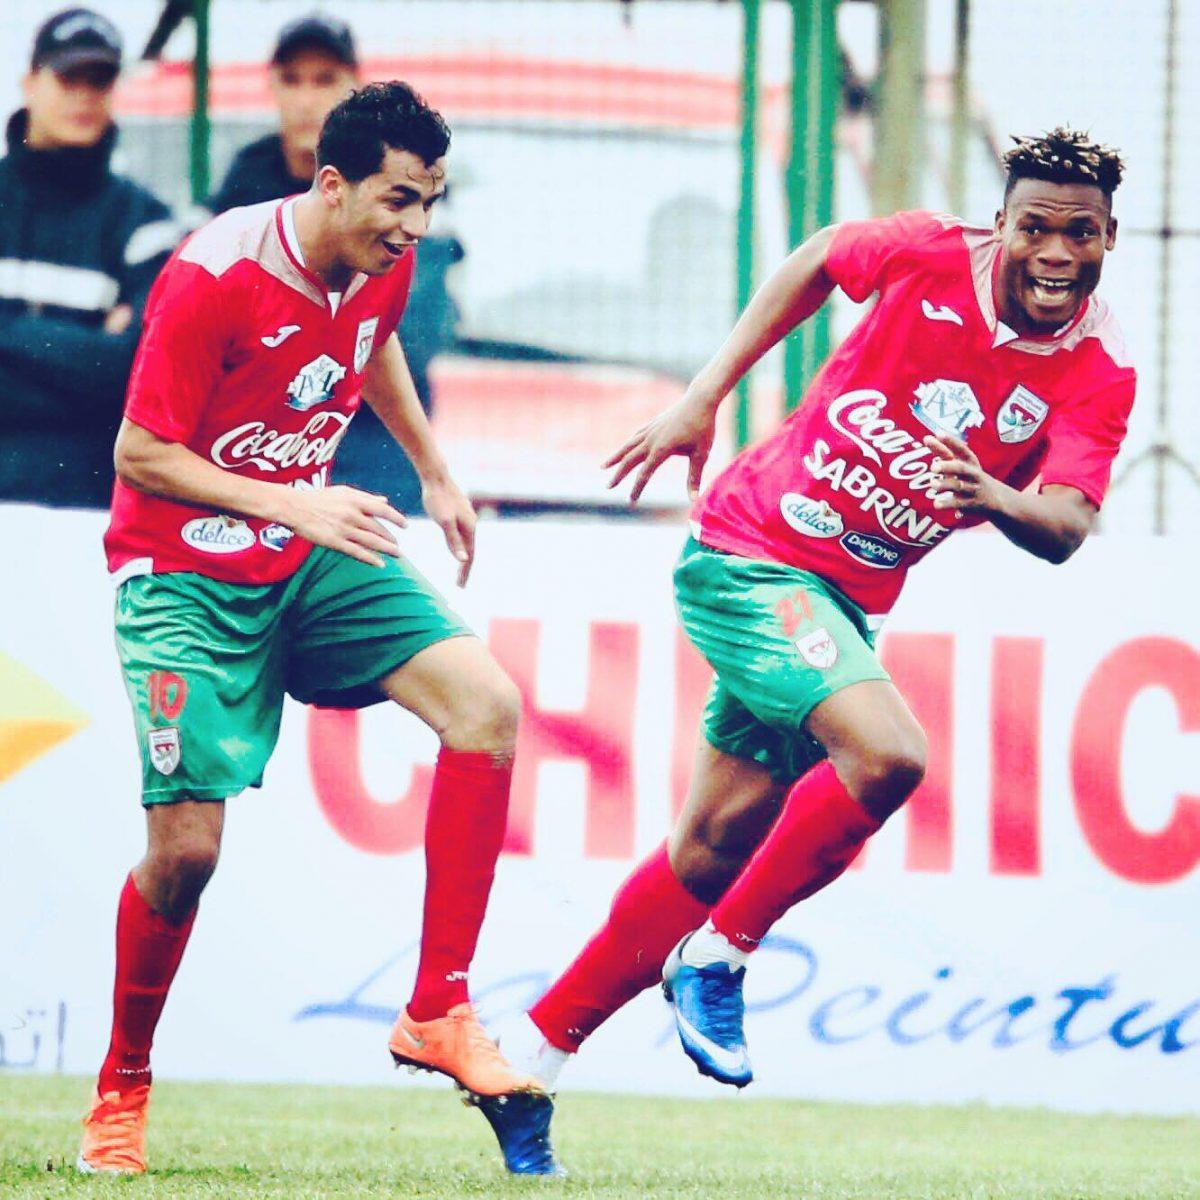 Tunisie : Bessan ne s'arrête plus  avec le Stade Tunisien  !